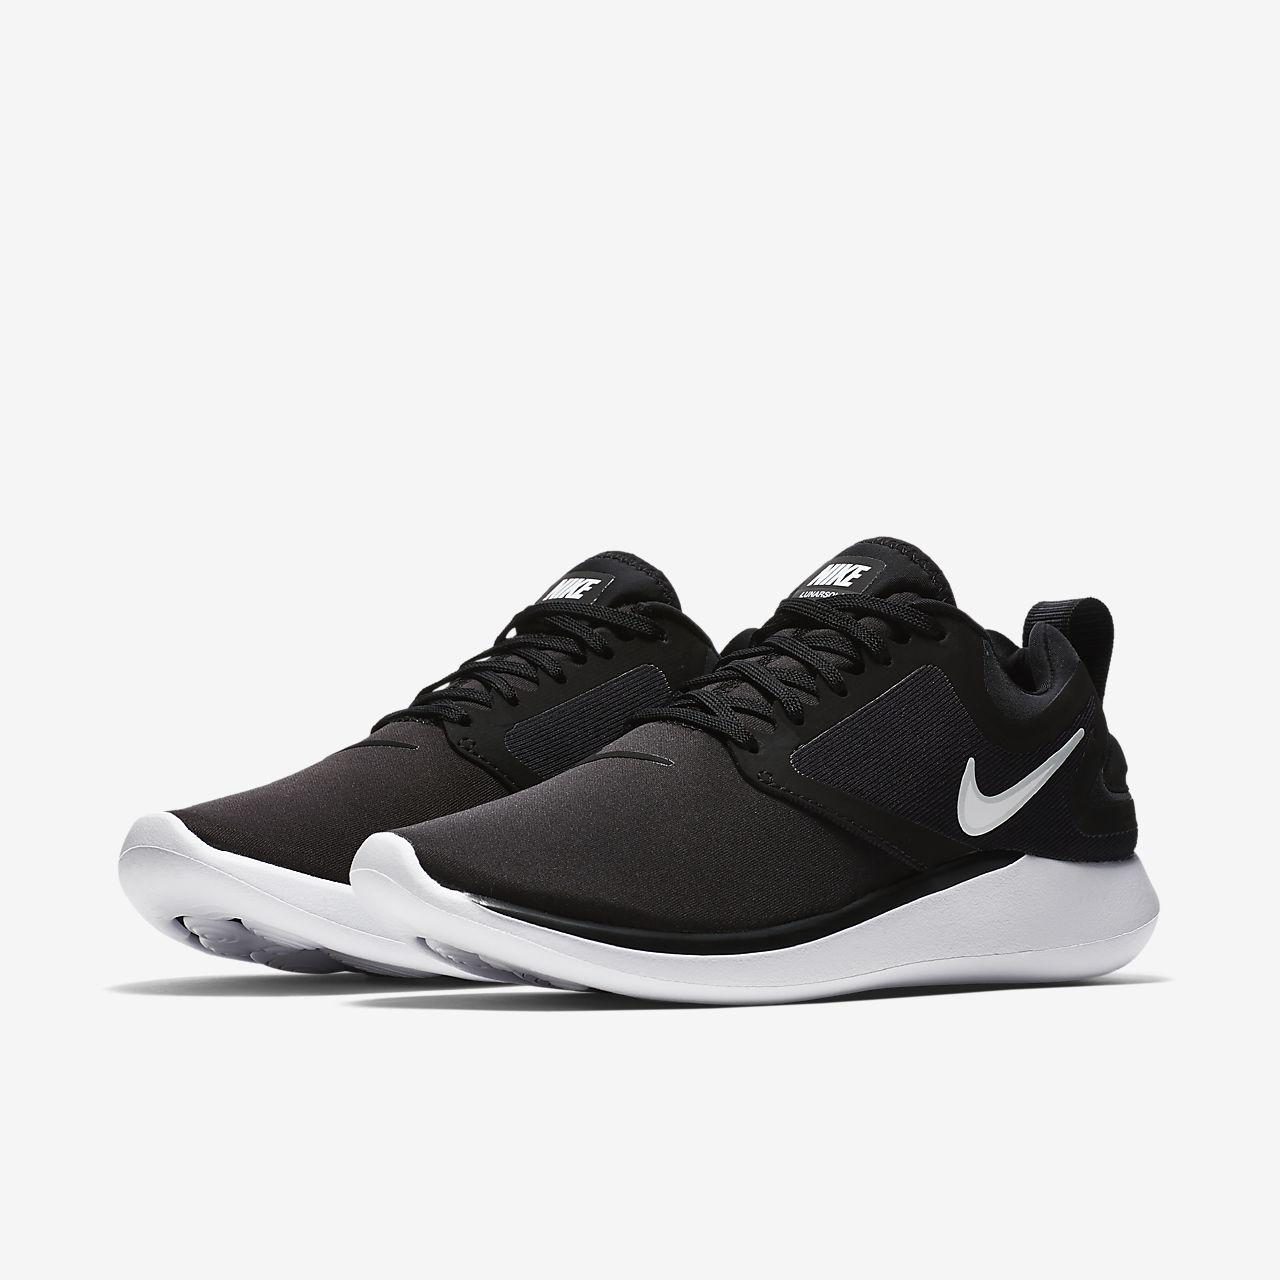 Low Resolution Nike LunarSolo Women's Running Shoe Nike LunarSolo Women's  Running Shoe